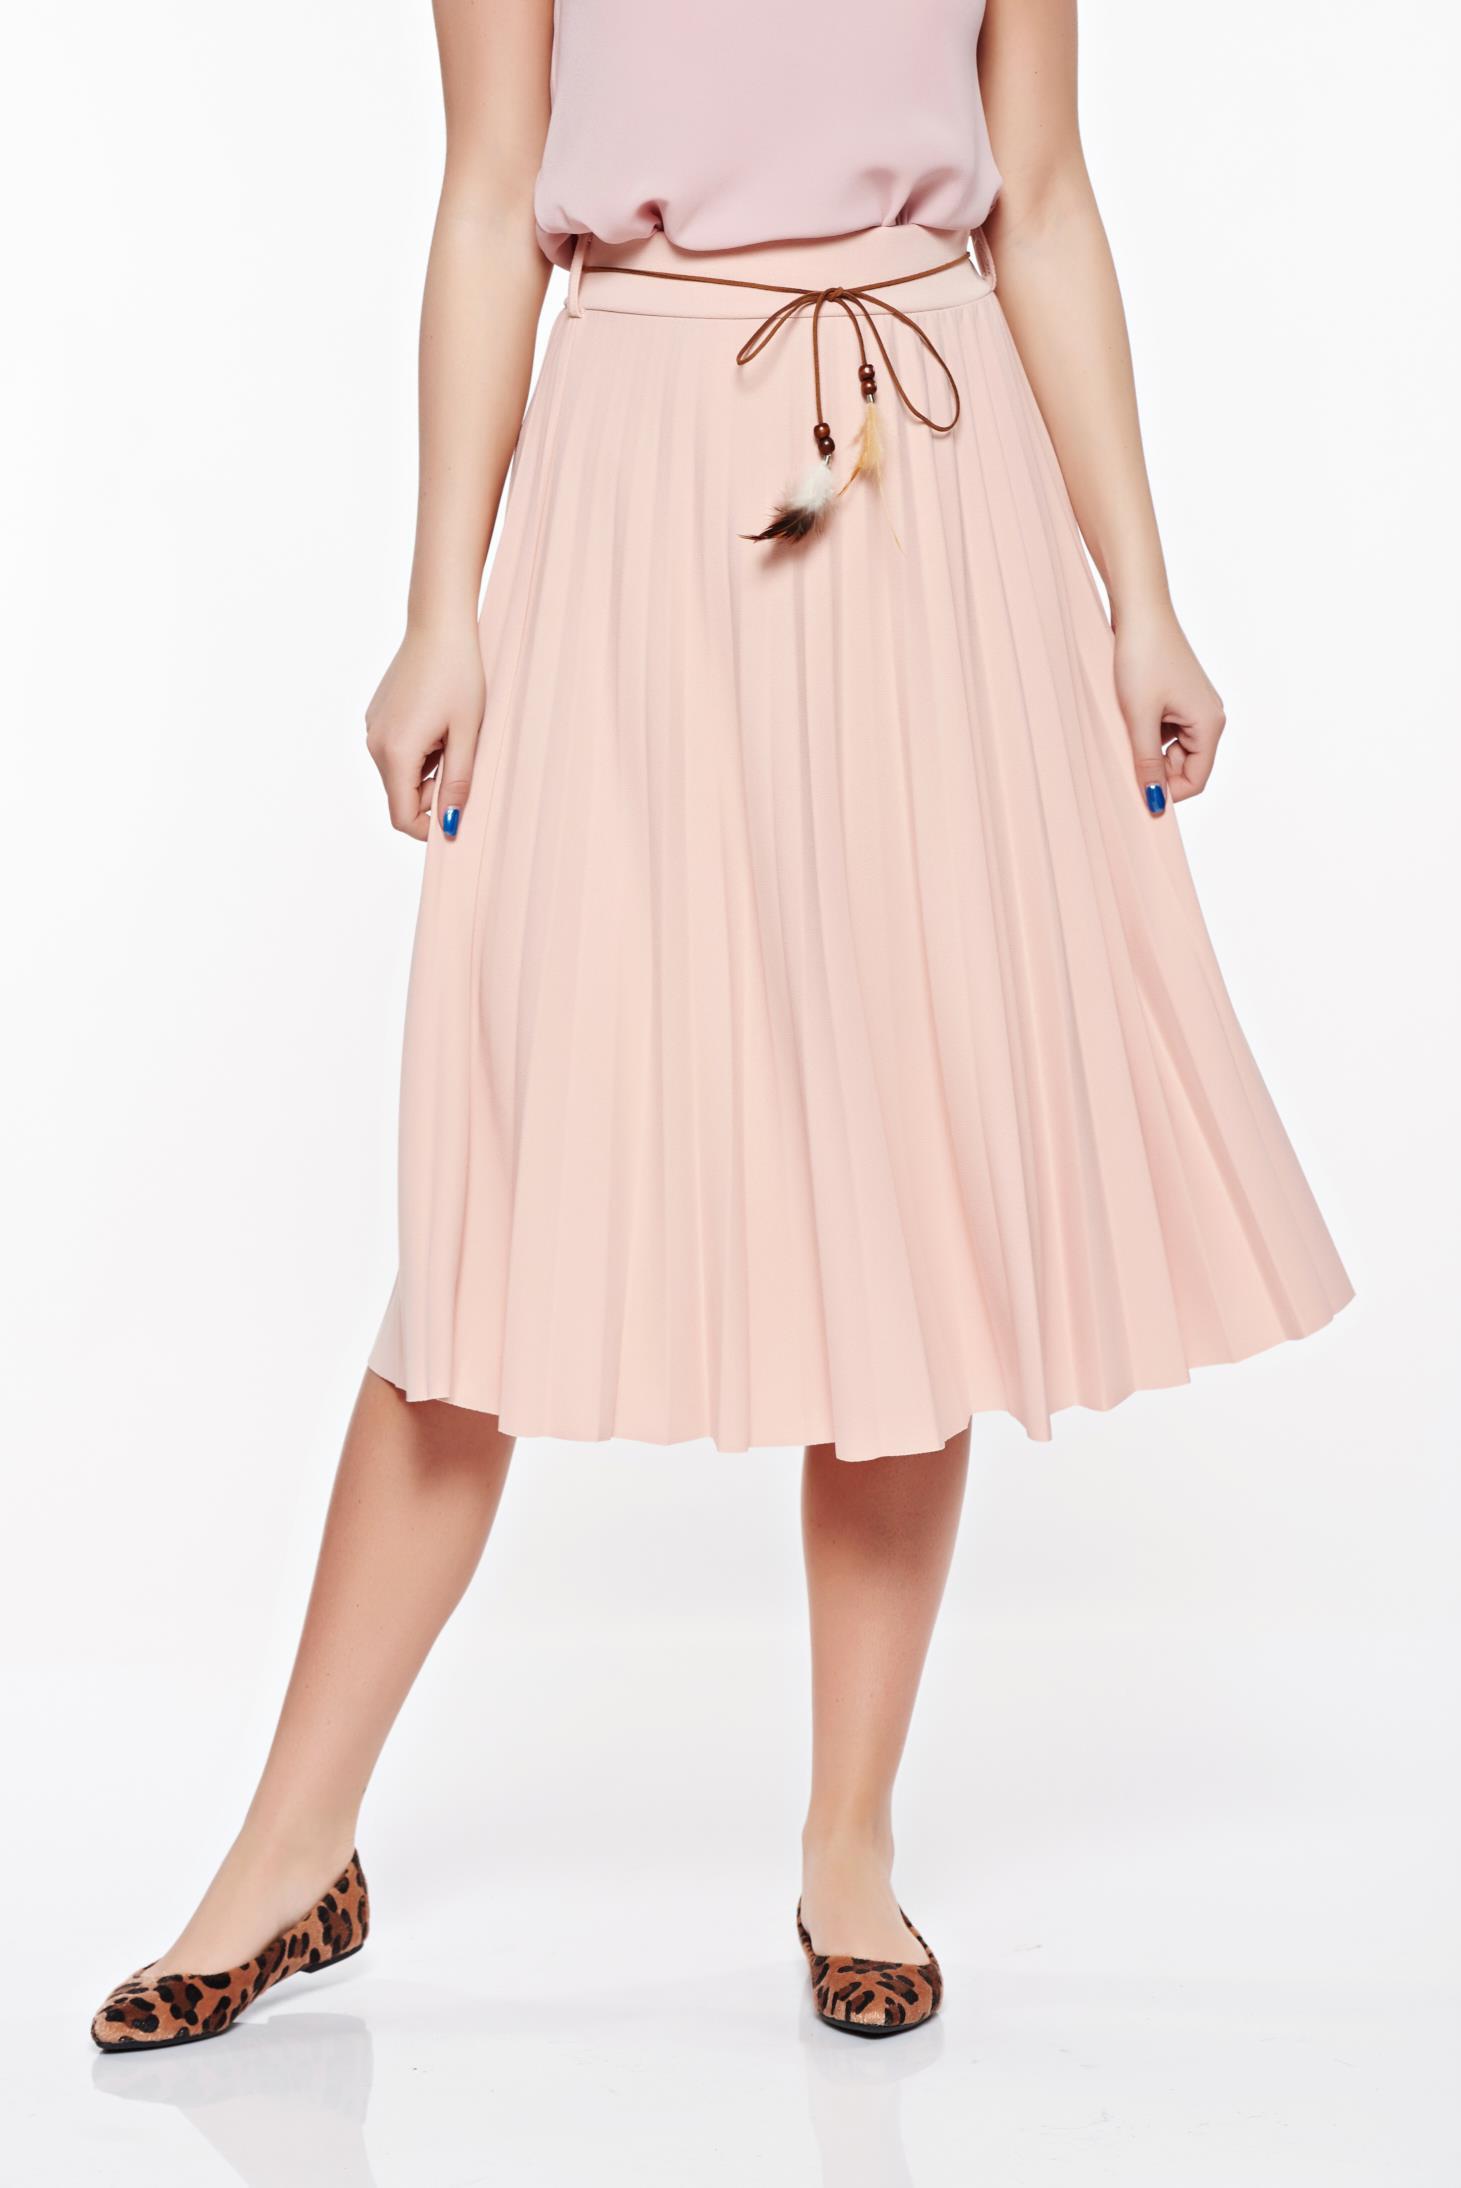 Rózsaszínű magas derekú elegáns SunShine szoknya rugalmas és finom anyag  zsinórral van ellátva 414e00fd2c